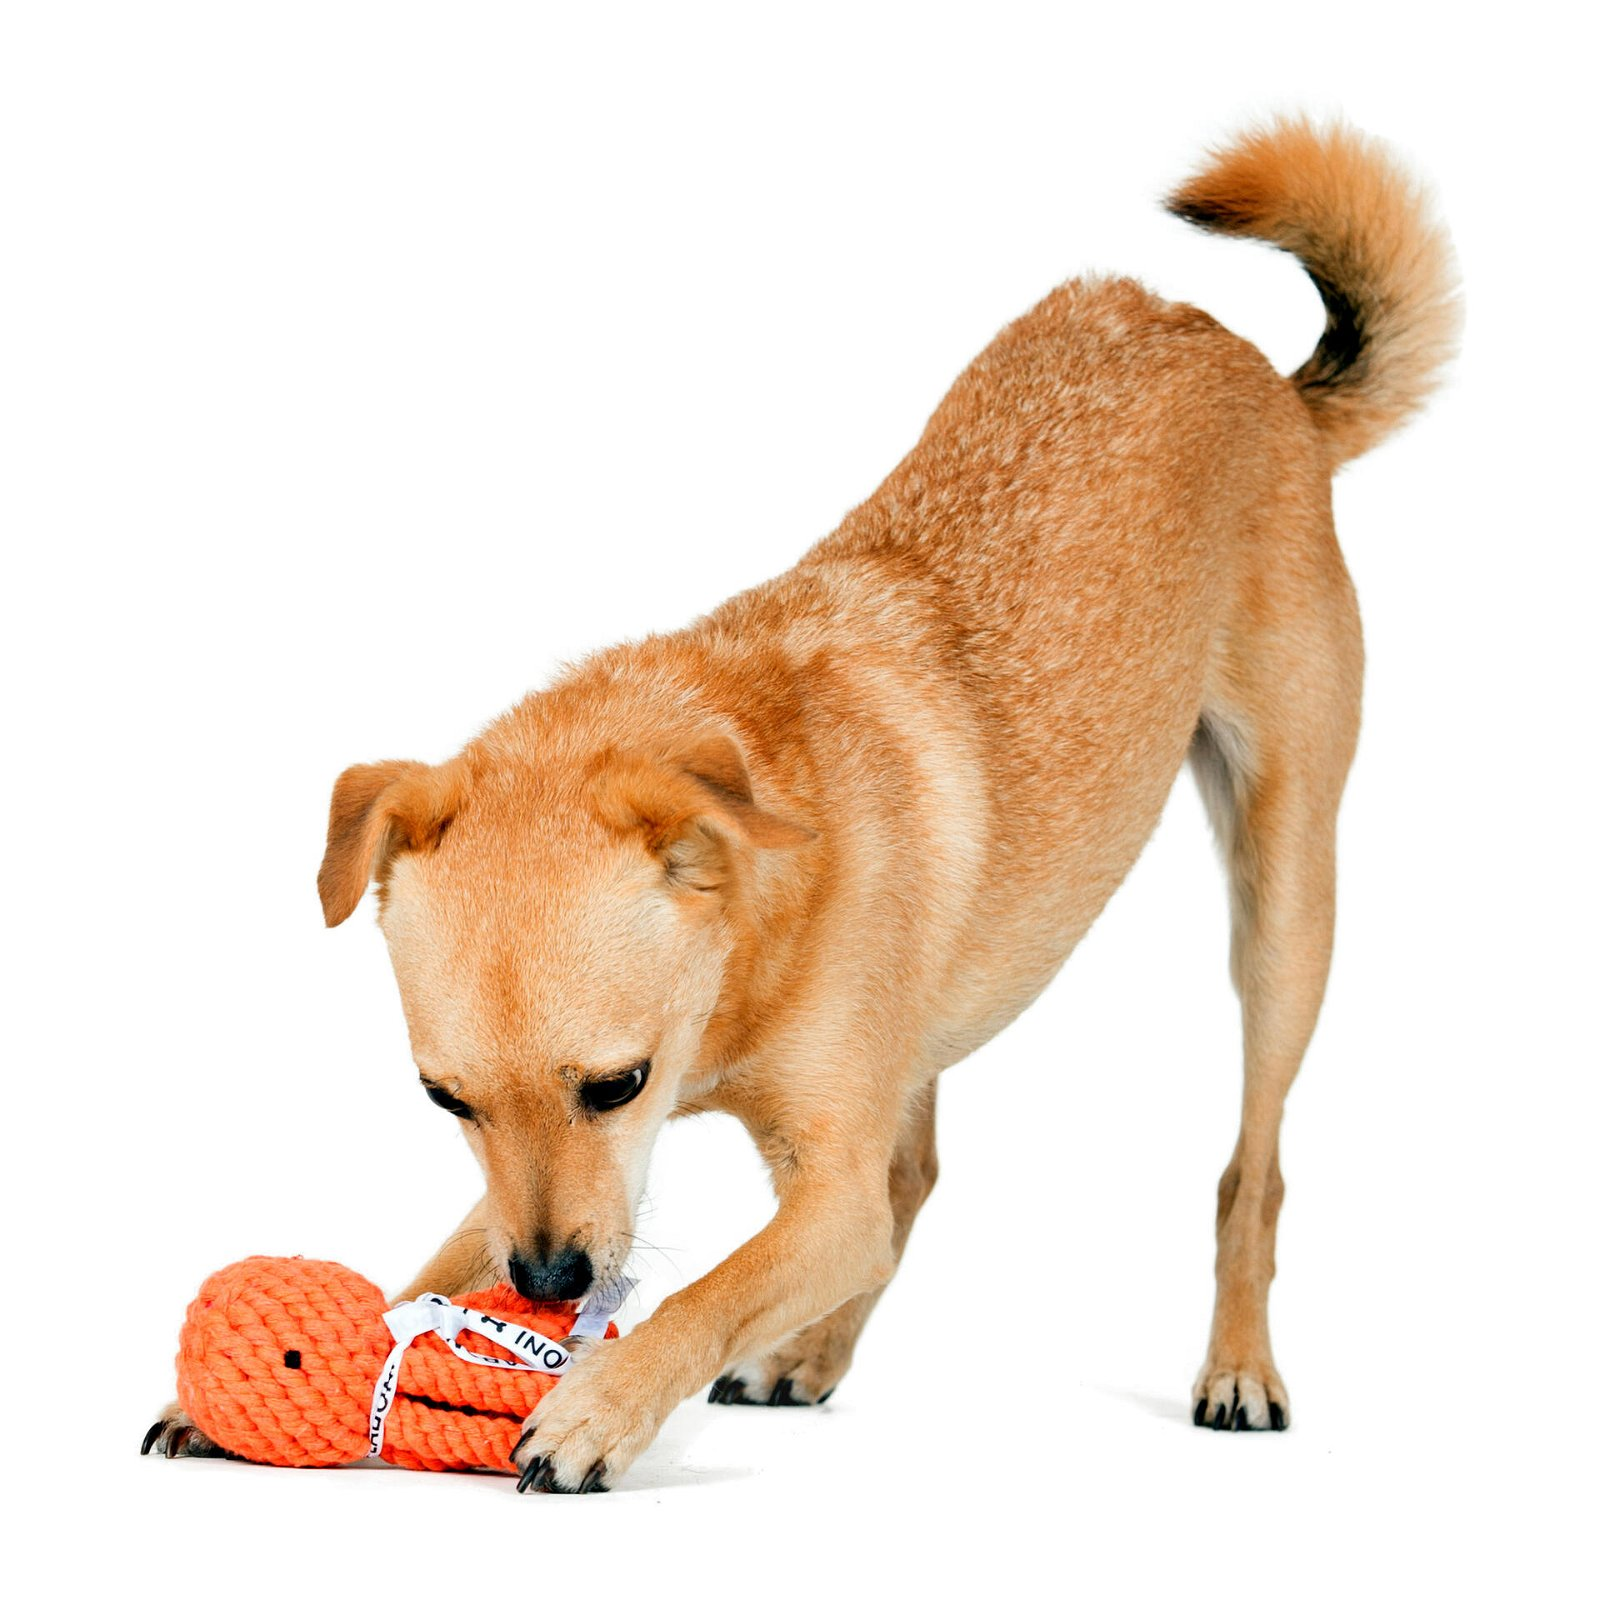 Hundespielzeug Thaddäus Tintenfisch aus Baumwolltau - Orange, zahnpflegend und robust, (B/H/T) 13x7x7 cm